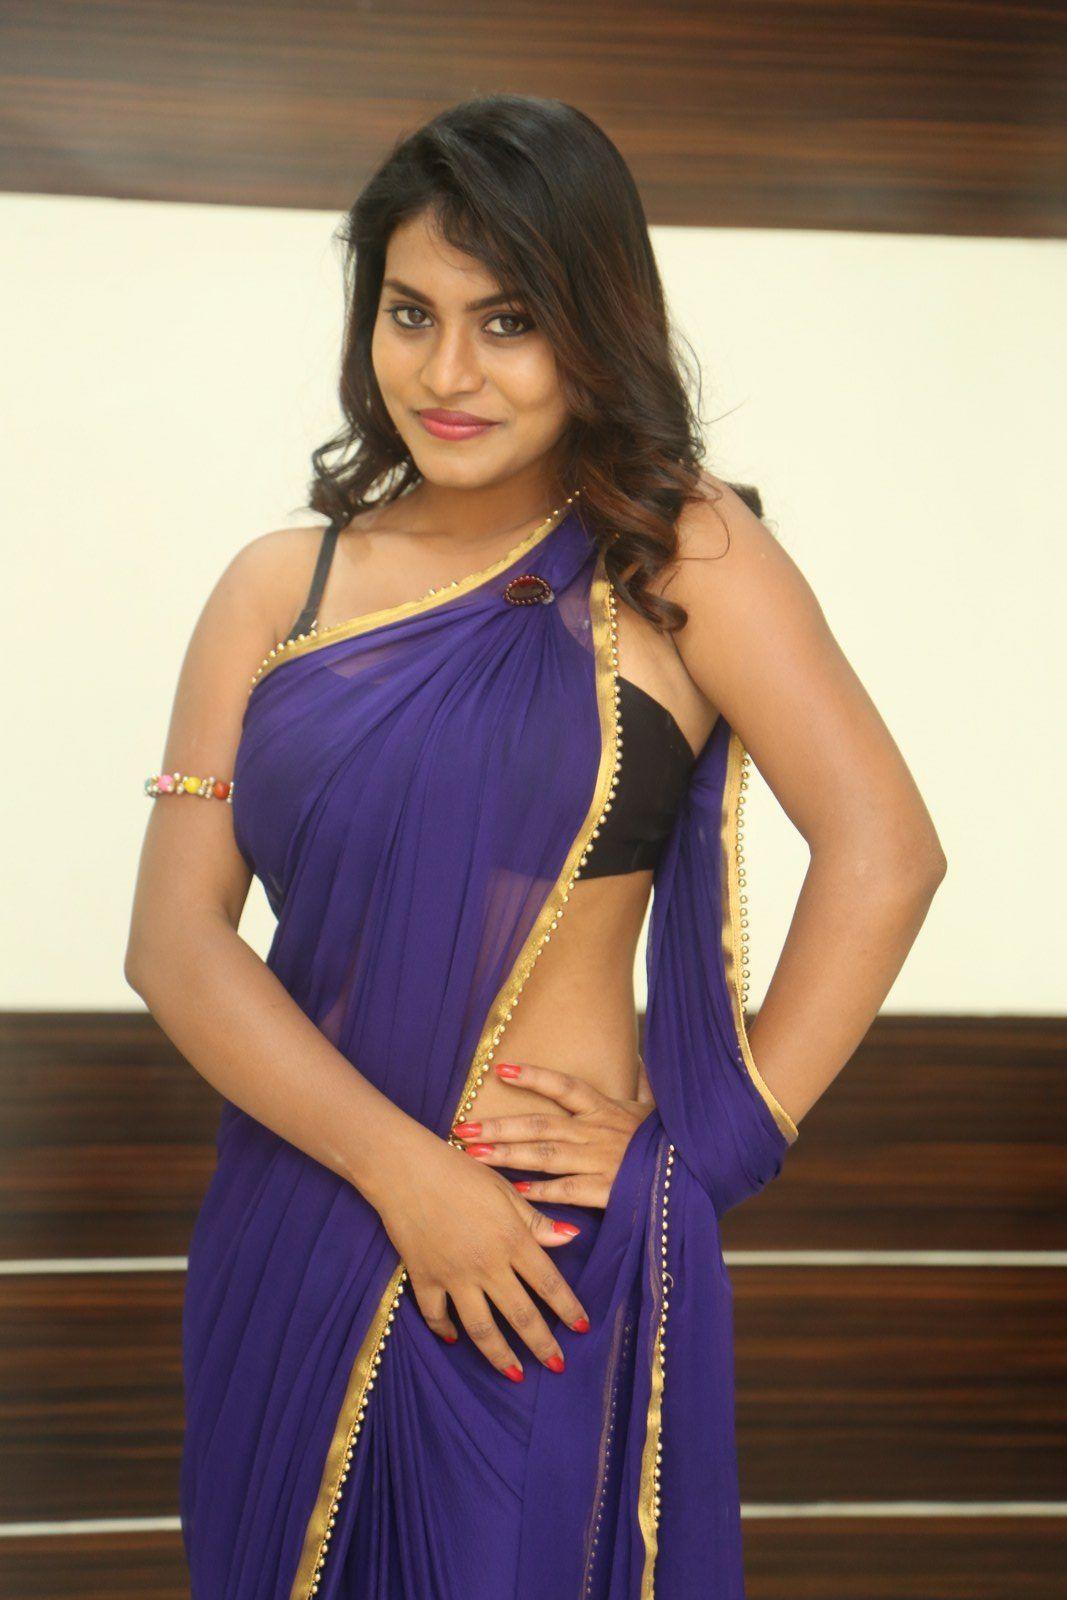 Priyanka Augustin Sexy Image In Blue Saree  2018  Blue Saree, Saree -2249